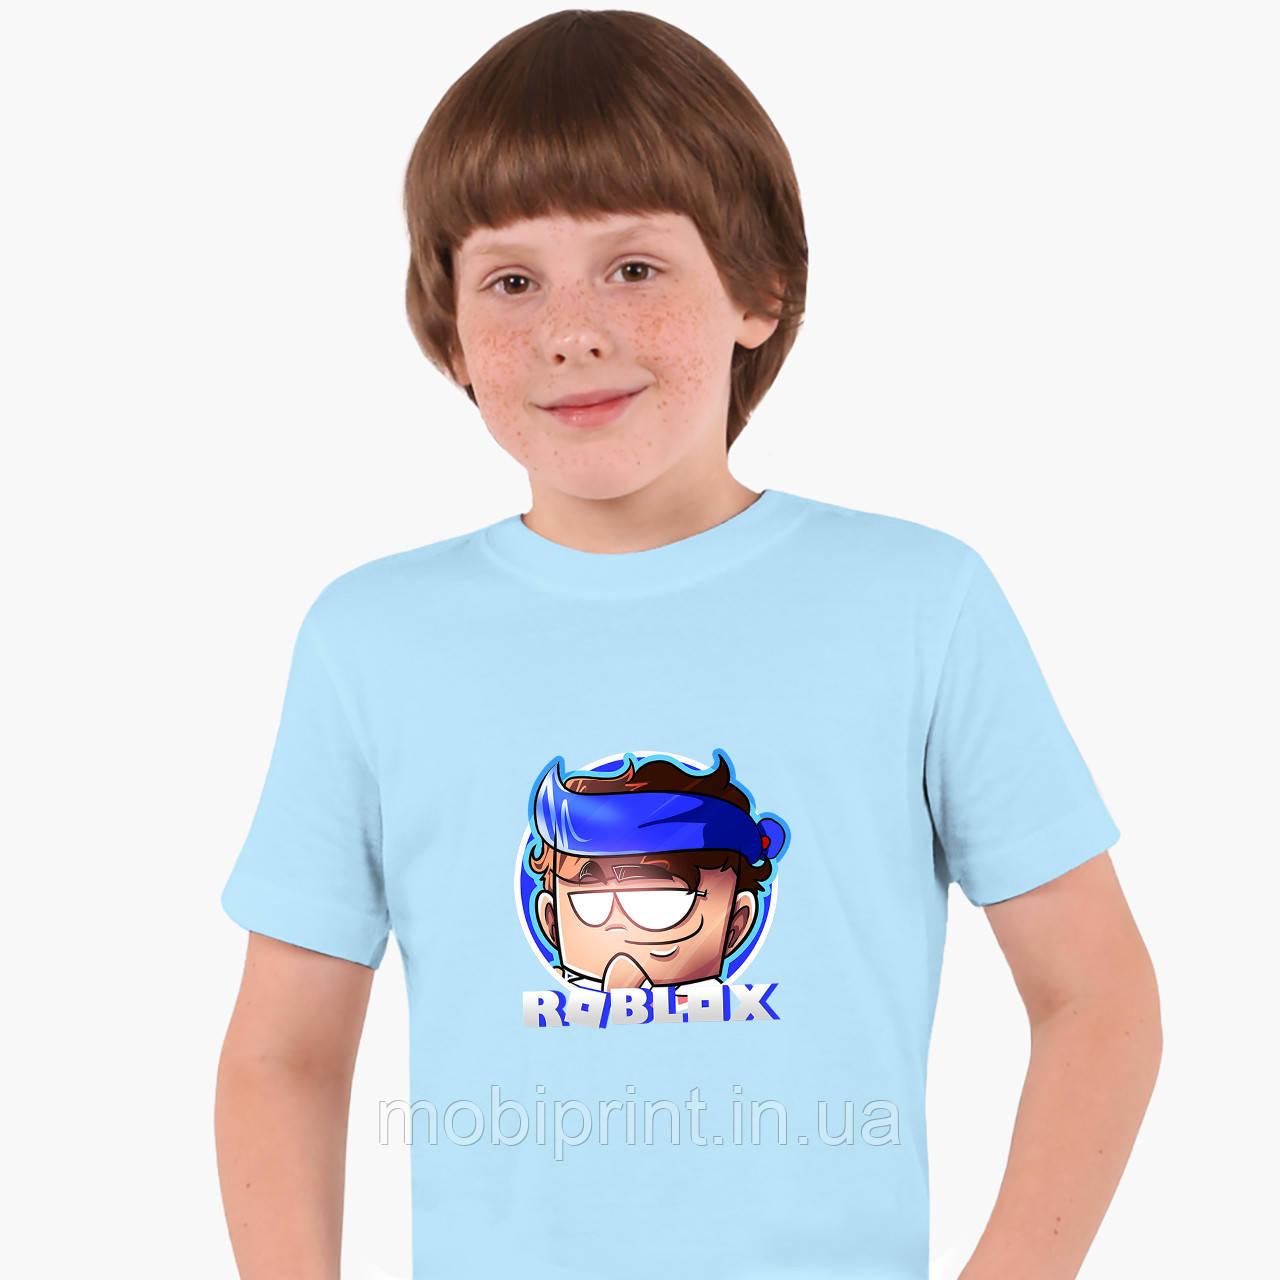 Детская футболка для мальчиков Роблокс (Roblox) (25186-1224) Голубой